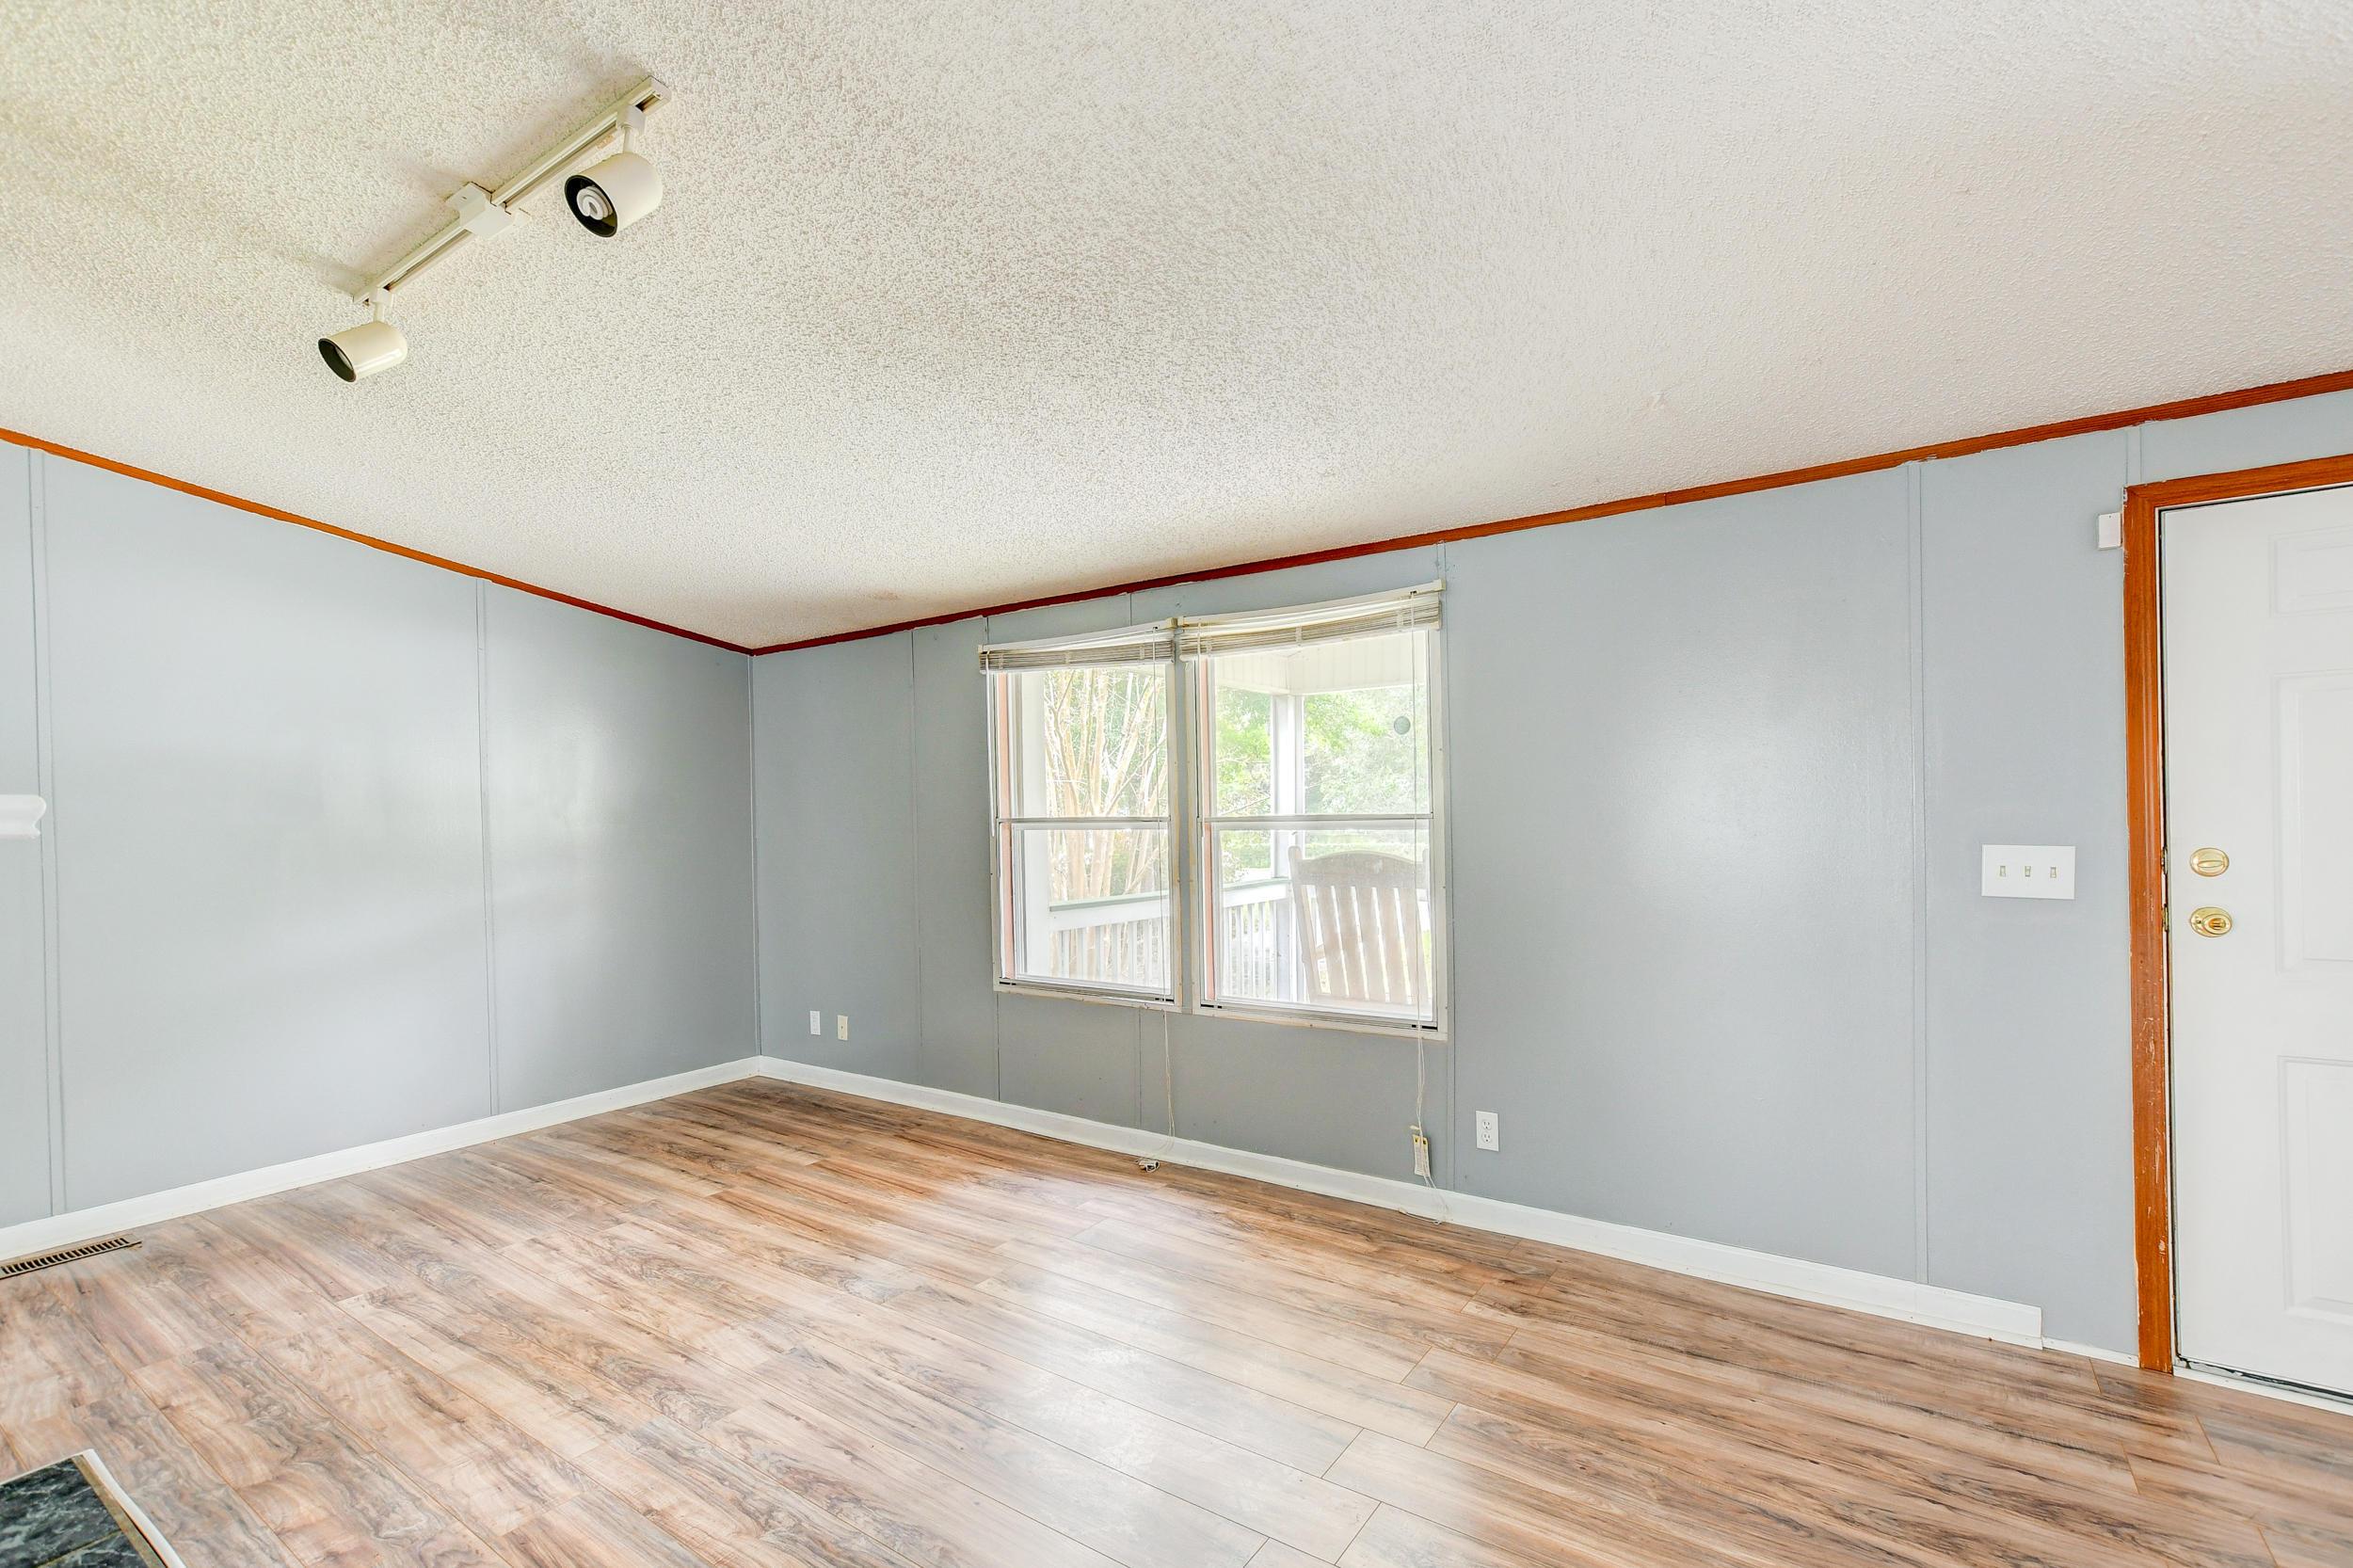 Clemson Terrace Homes For Sale - 123 Colkitt, Summerville, SC - 9